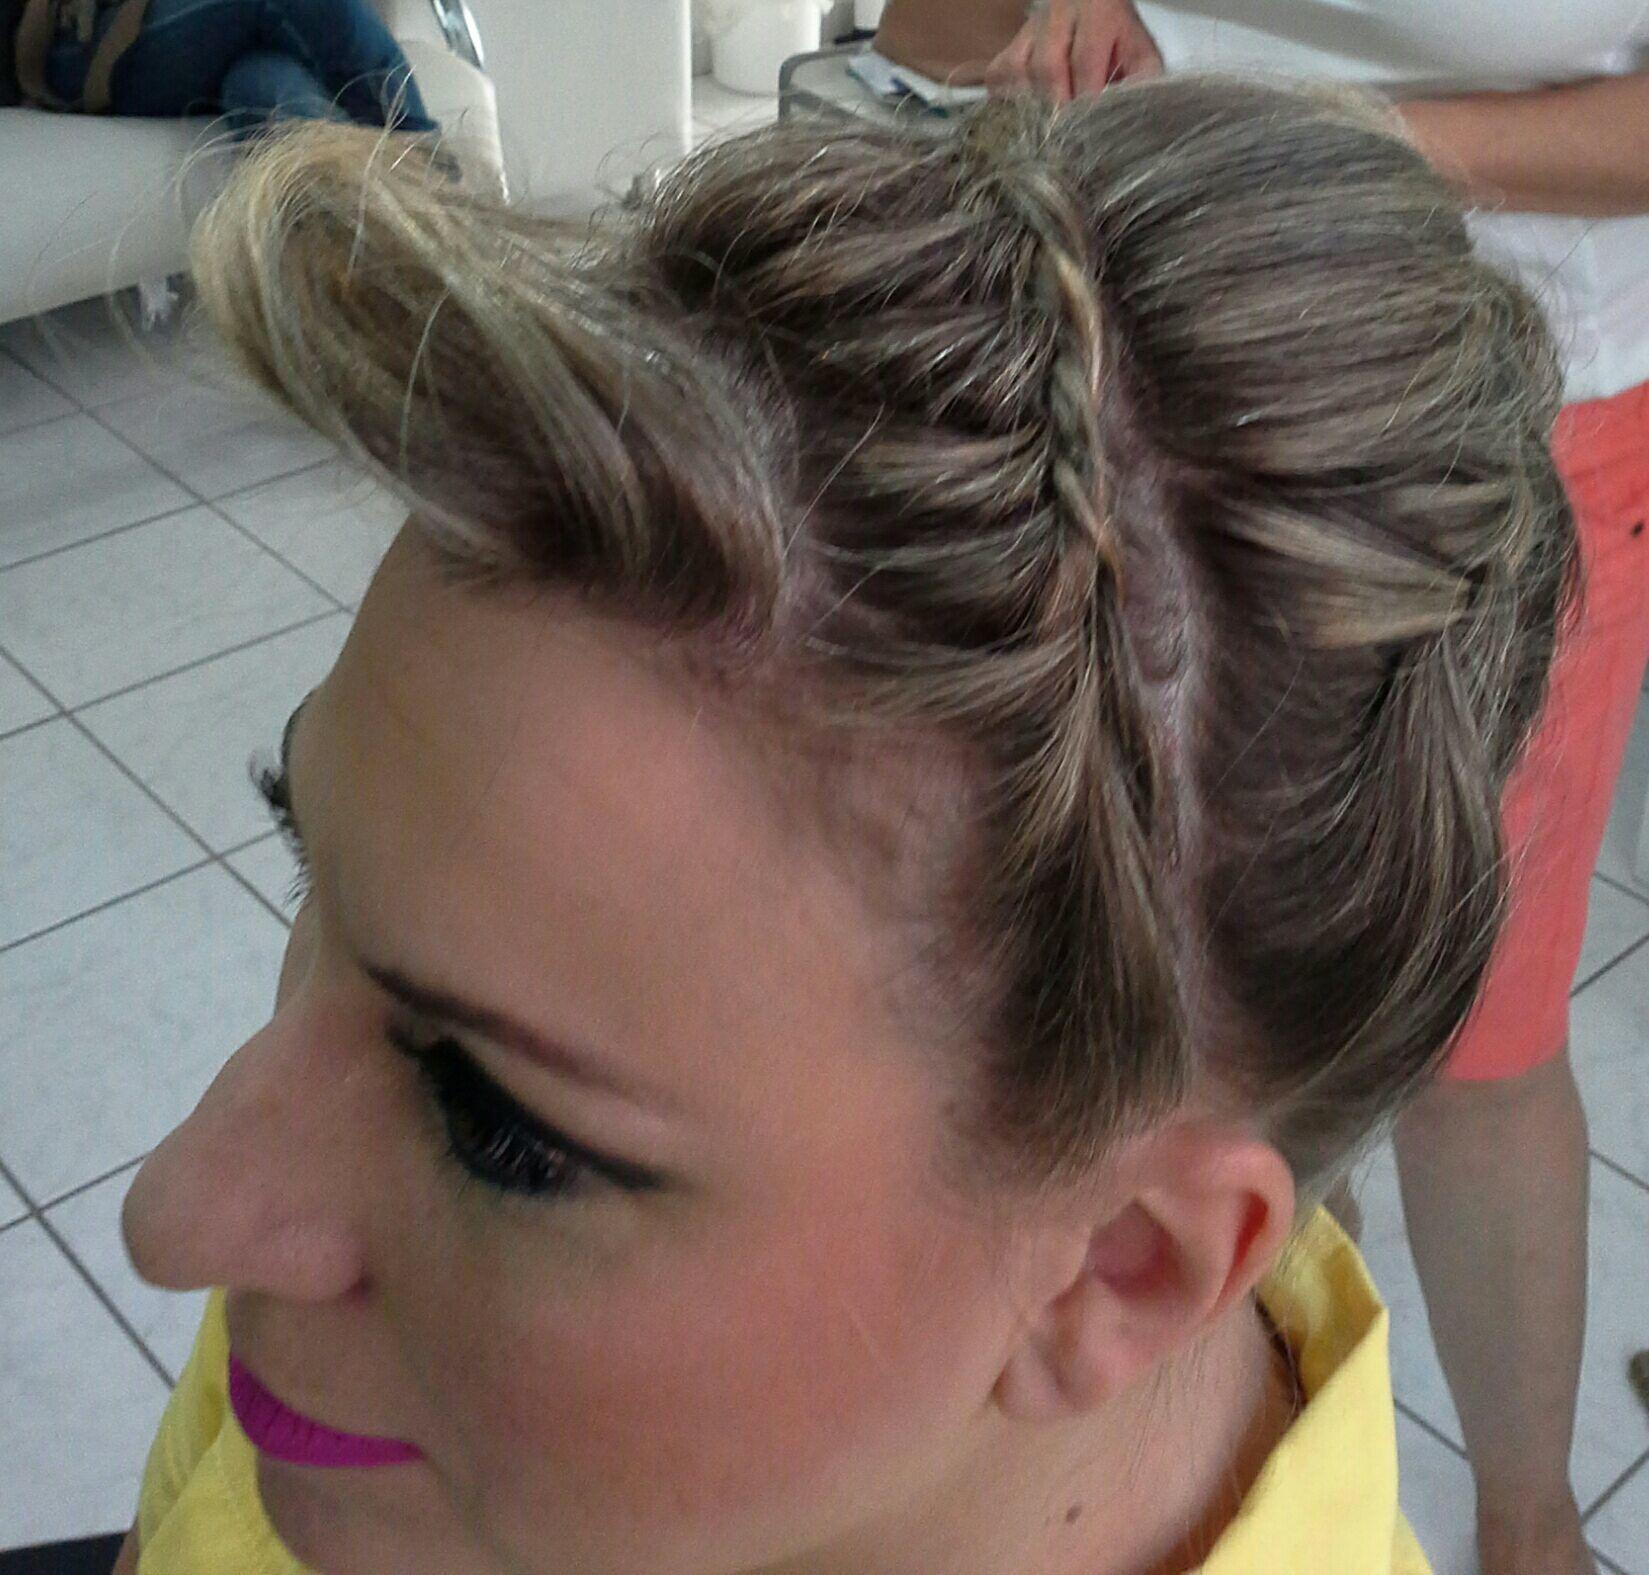 Penteado  com trança cabelo stylist / visagista cabeleireiro(a)